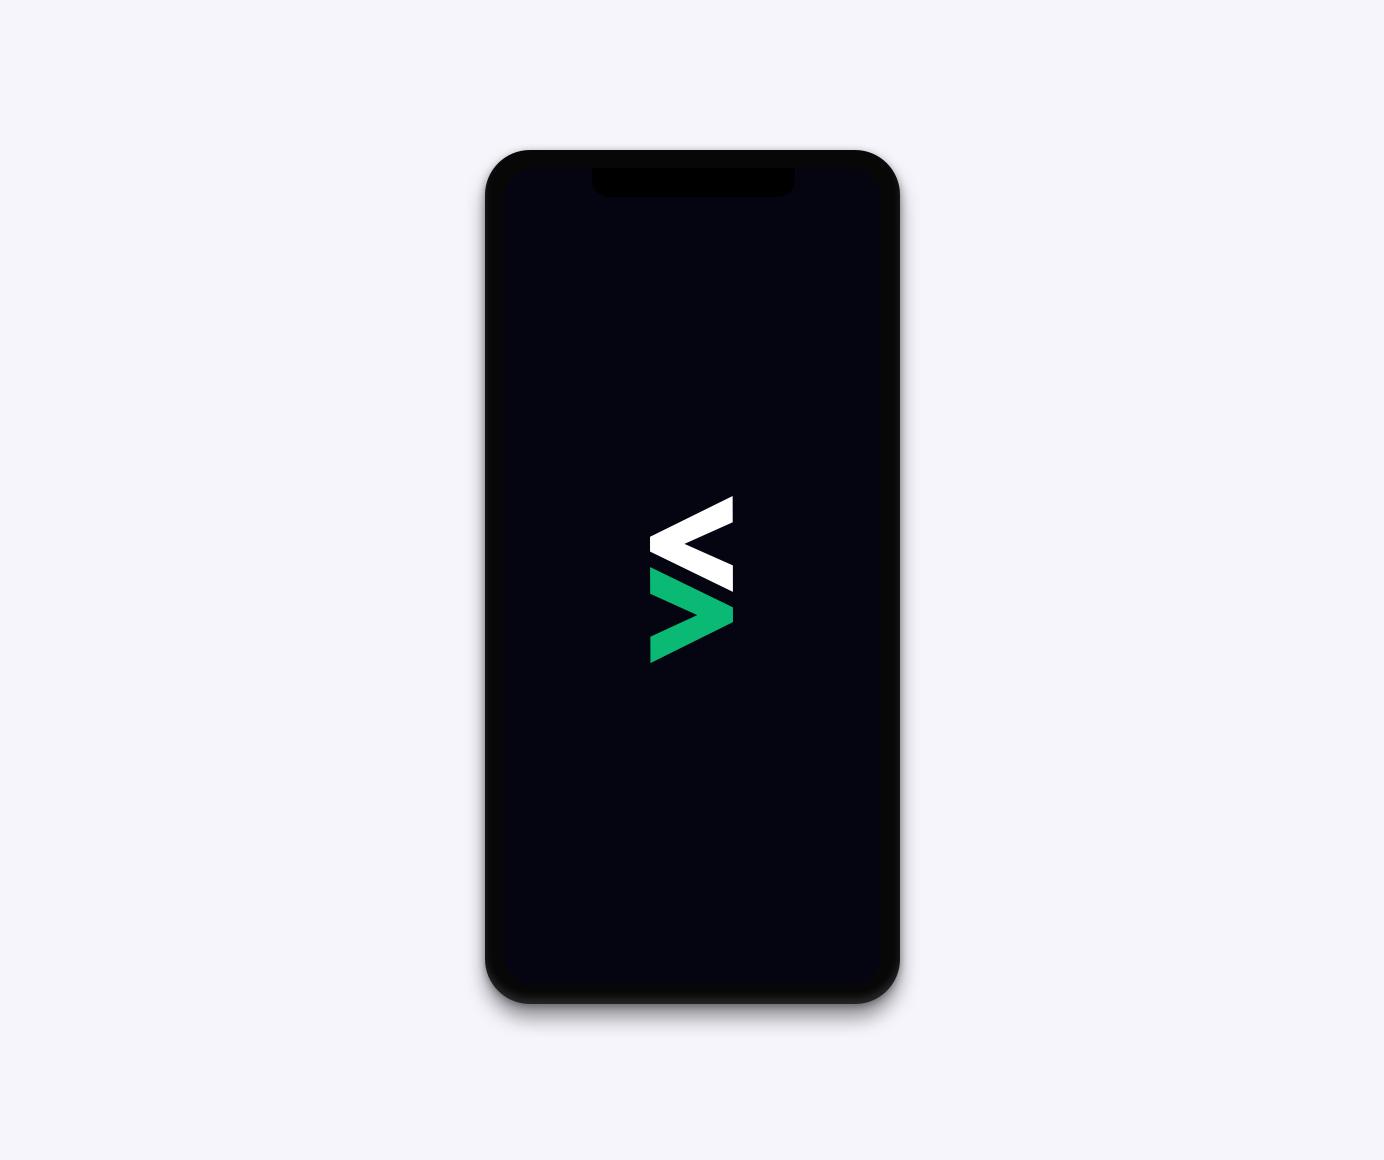 Trade App